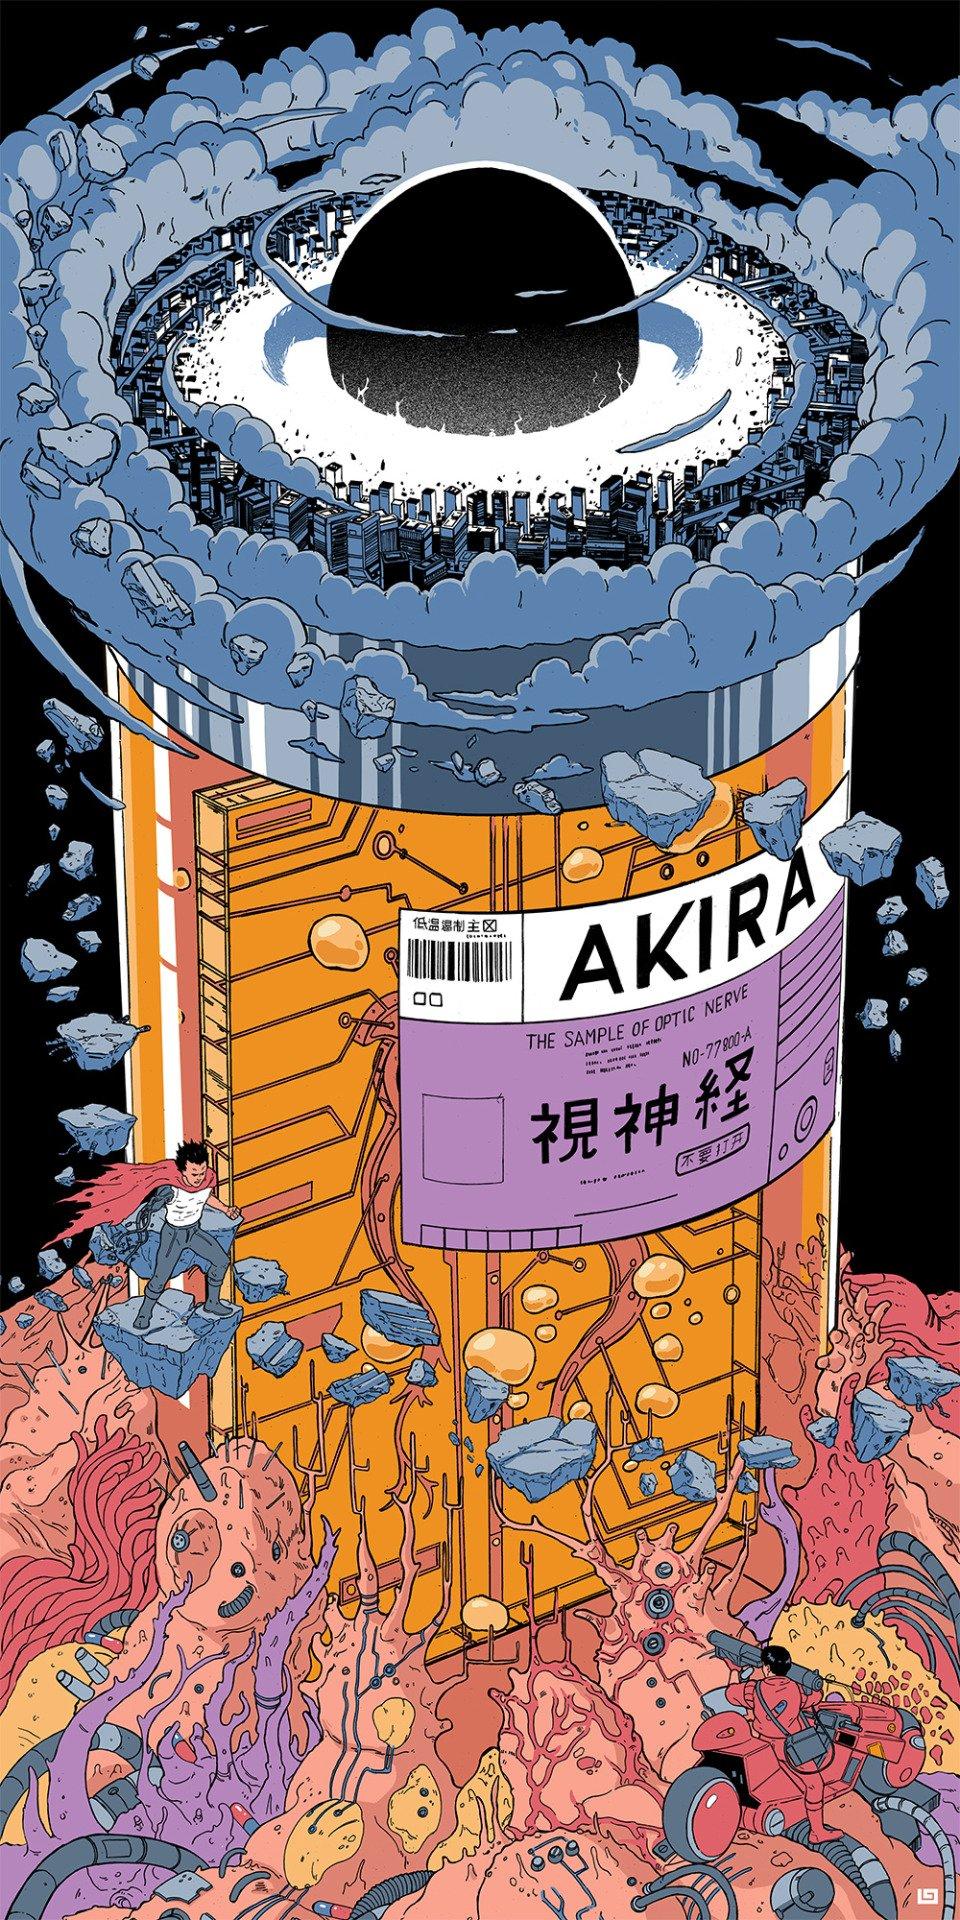 加藤 テツナオ ブレラン On Twitter In 2020 Anime Wall Art Cyberpunk Art Akira Anime